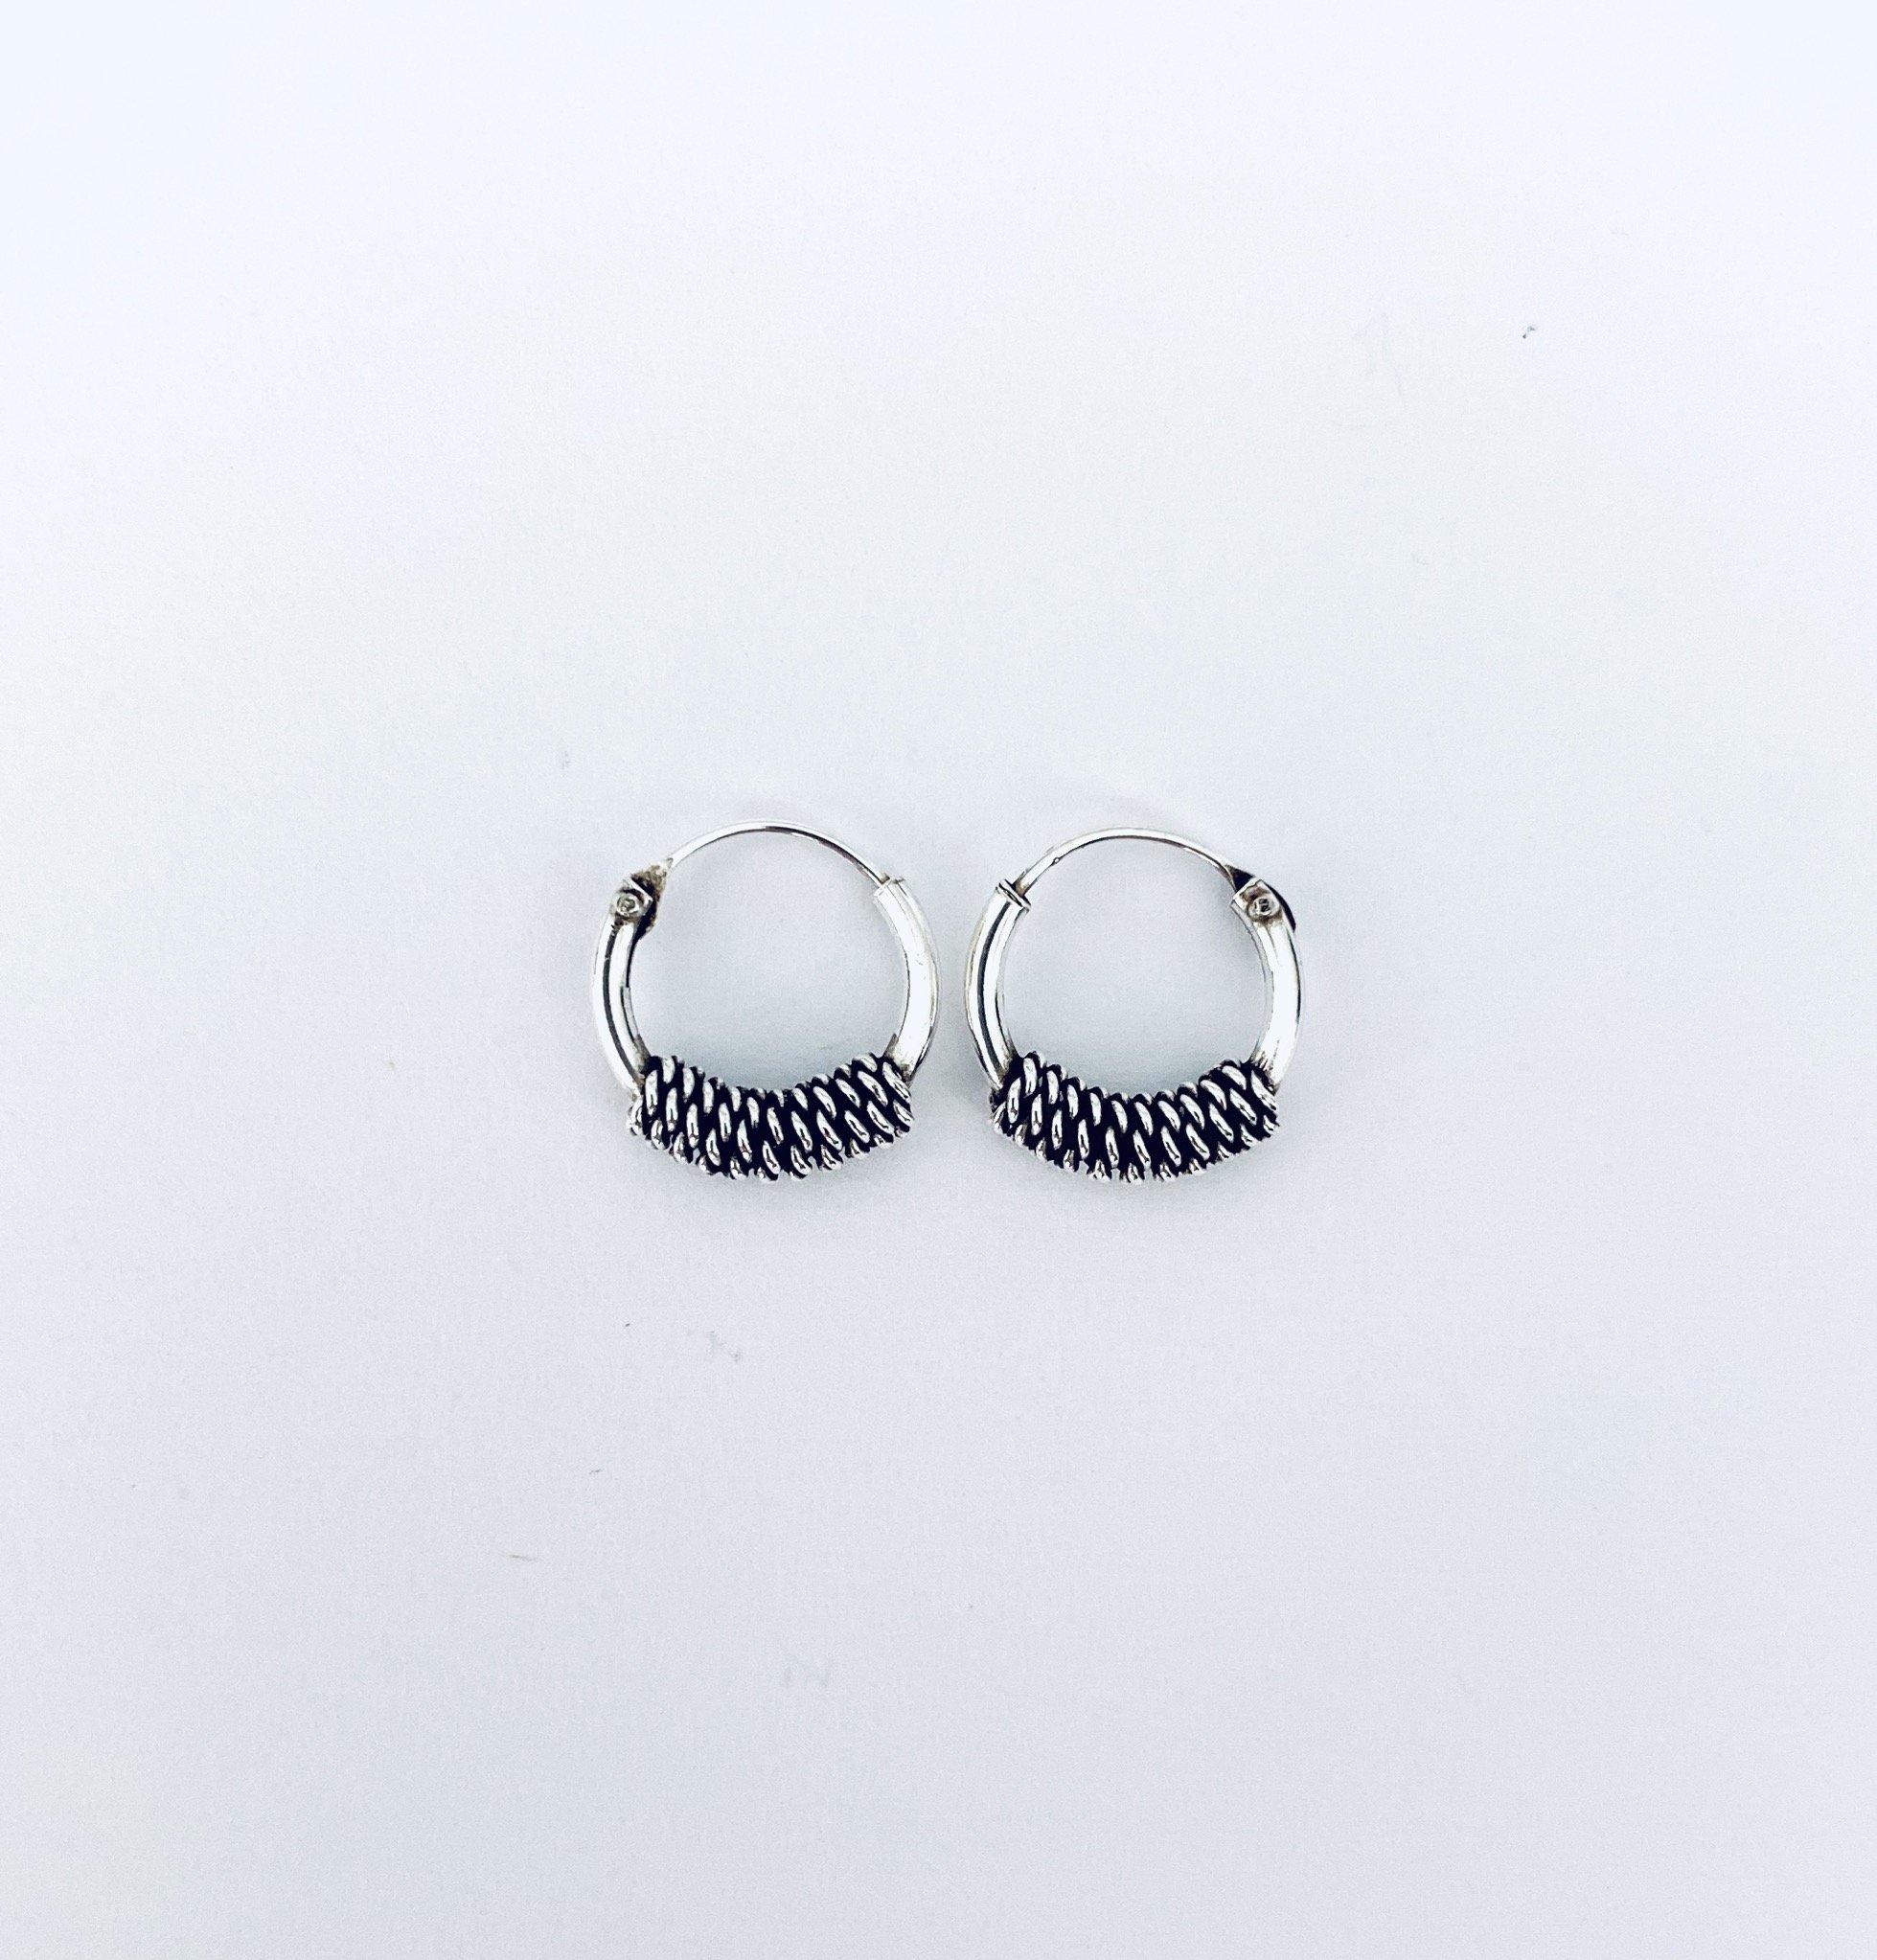 Zilveren oorringetjes. 8 mm.